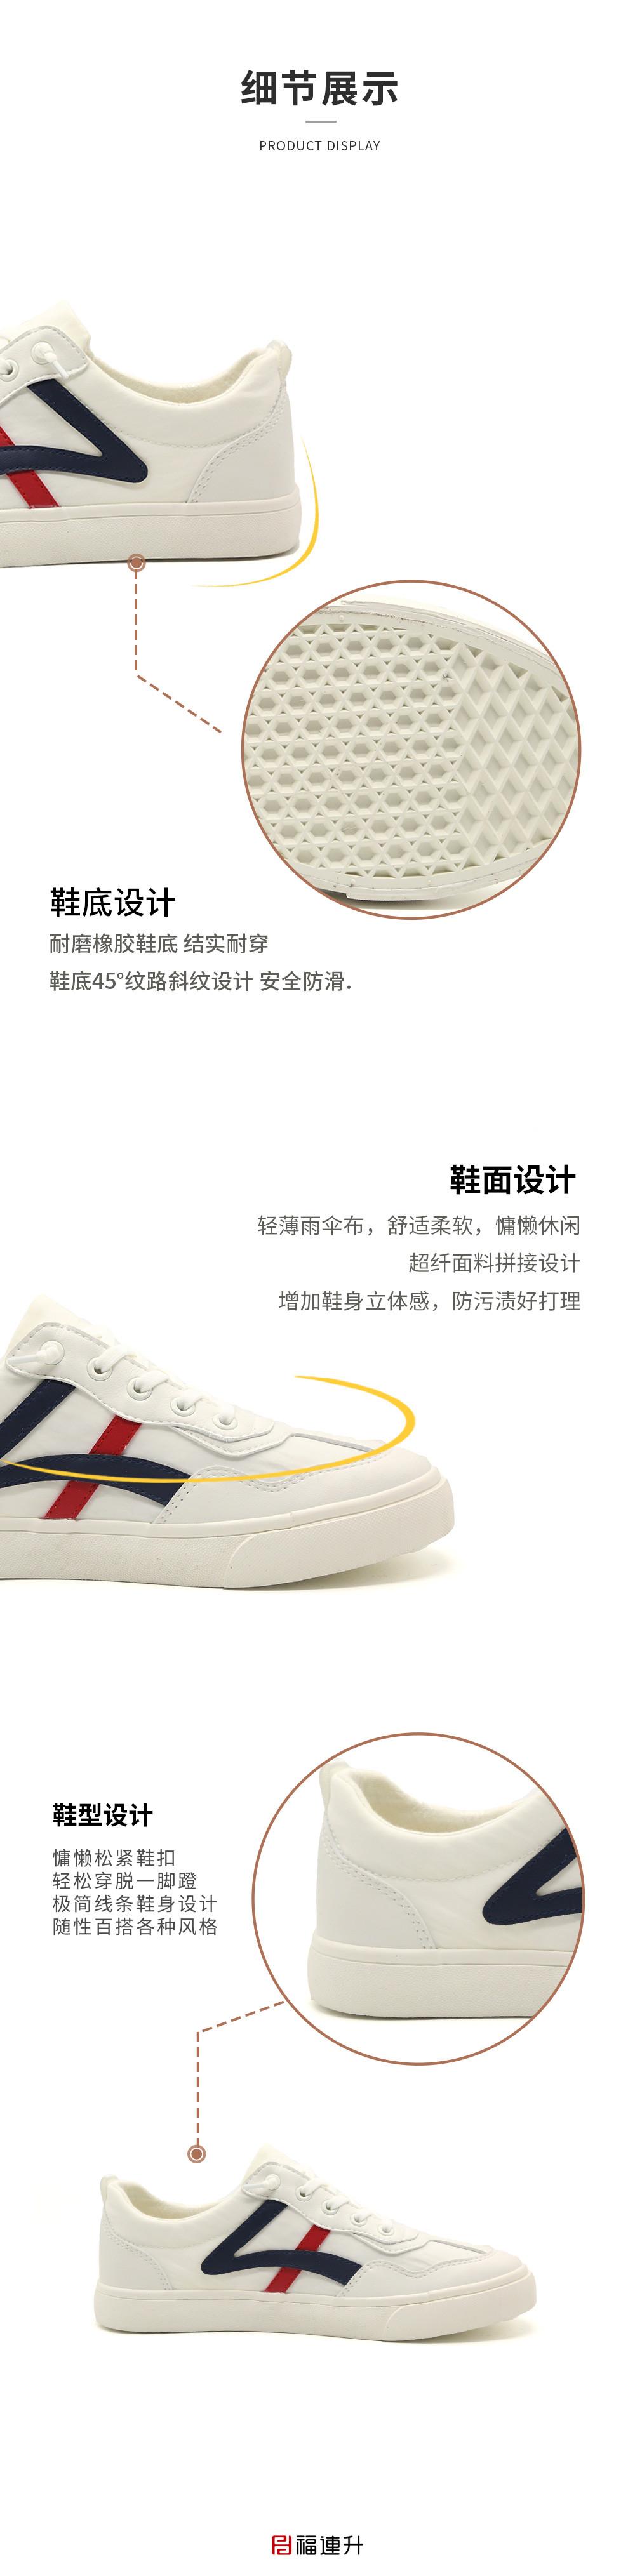 福连升男生时尚拼接棉麻舒适板鞋小白鞋休闲鞋图片